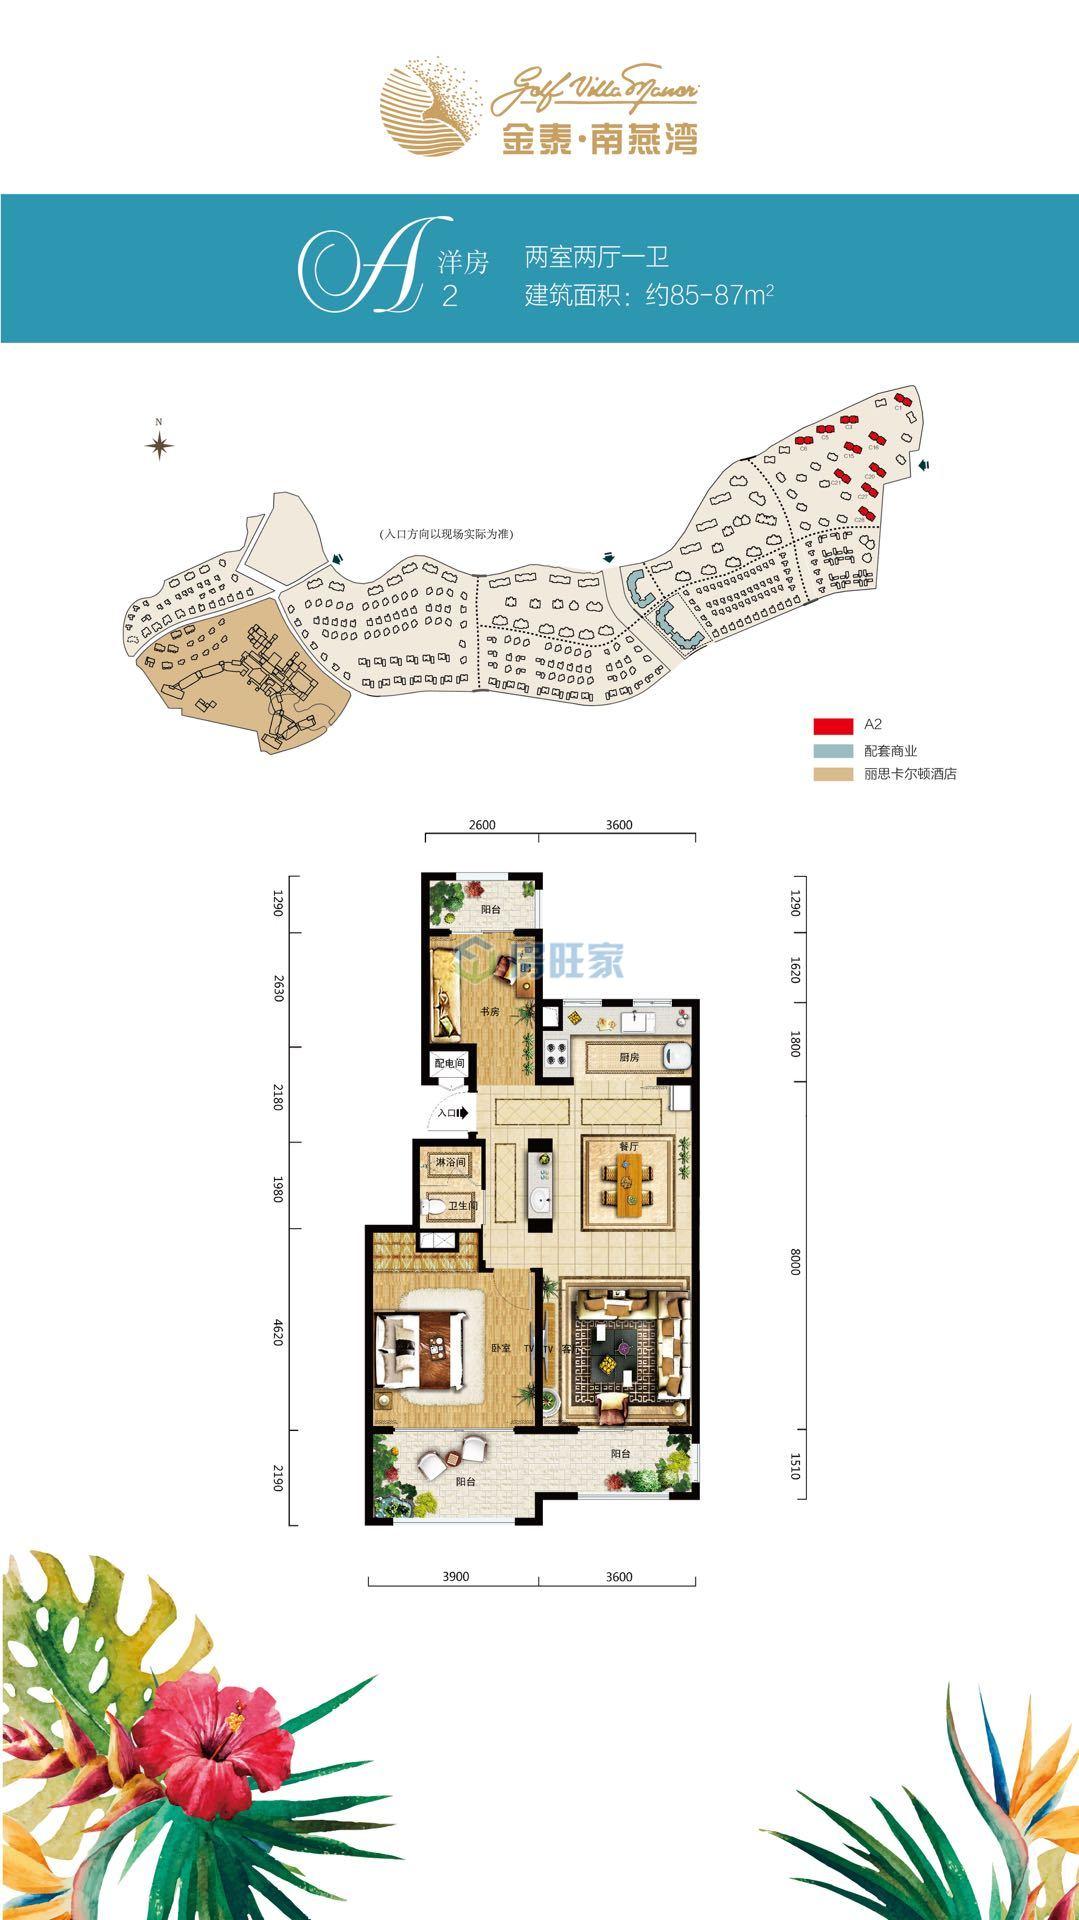 金泰南燕湾 建面85平两房洋房